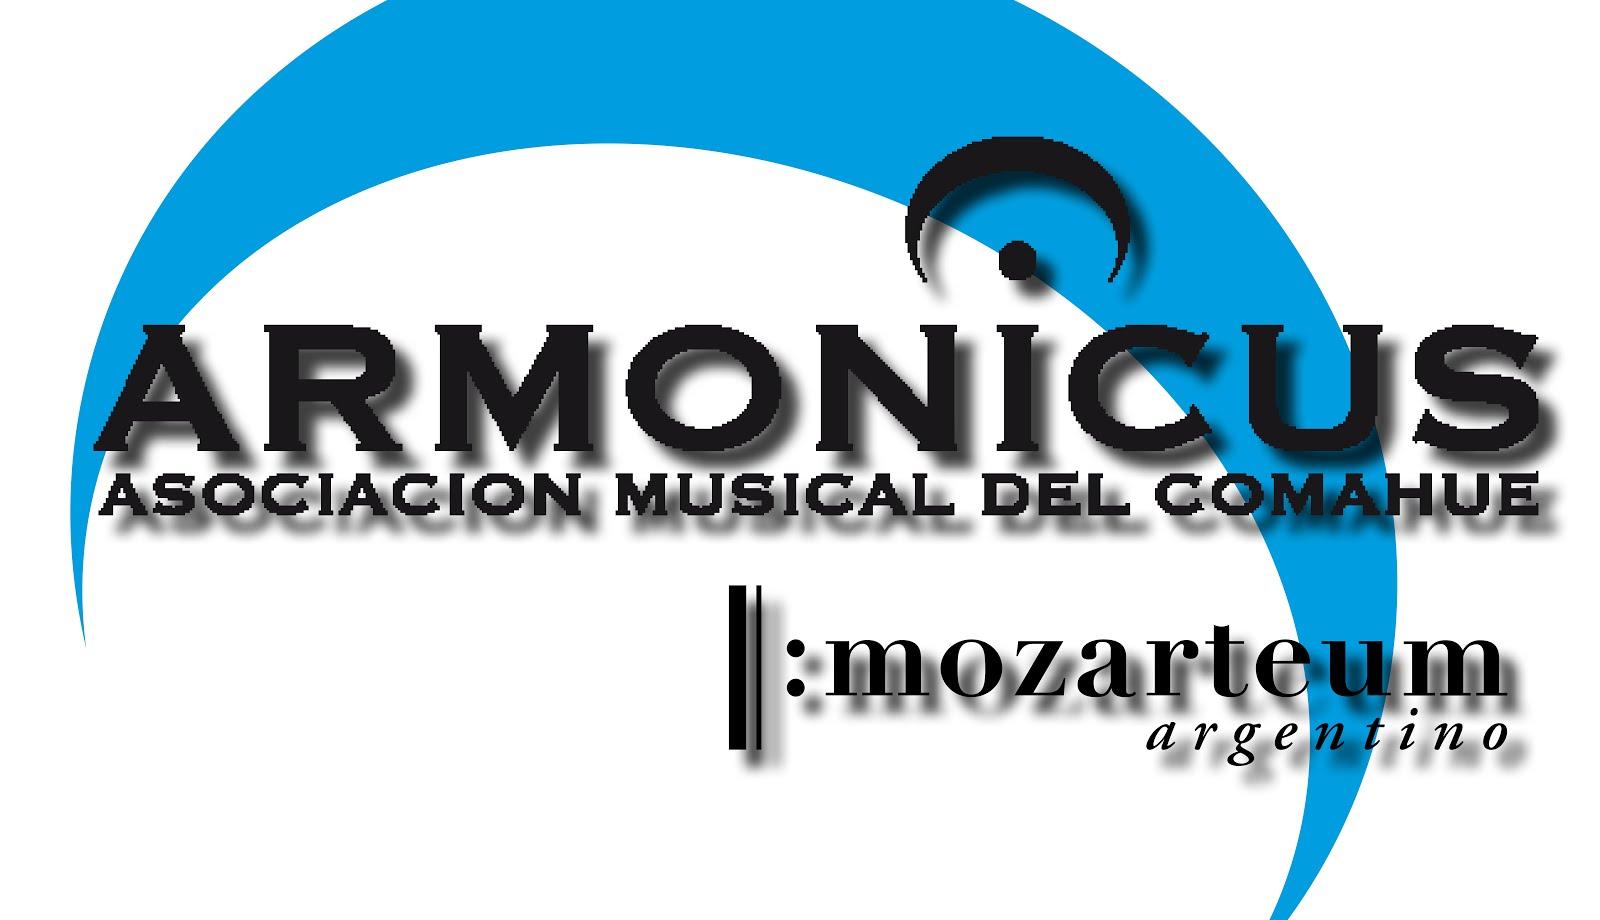 Armonicus